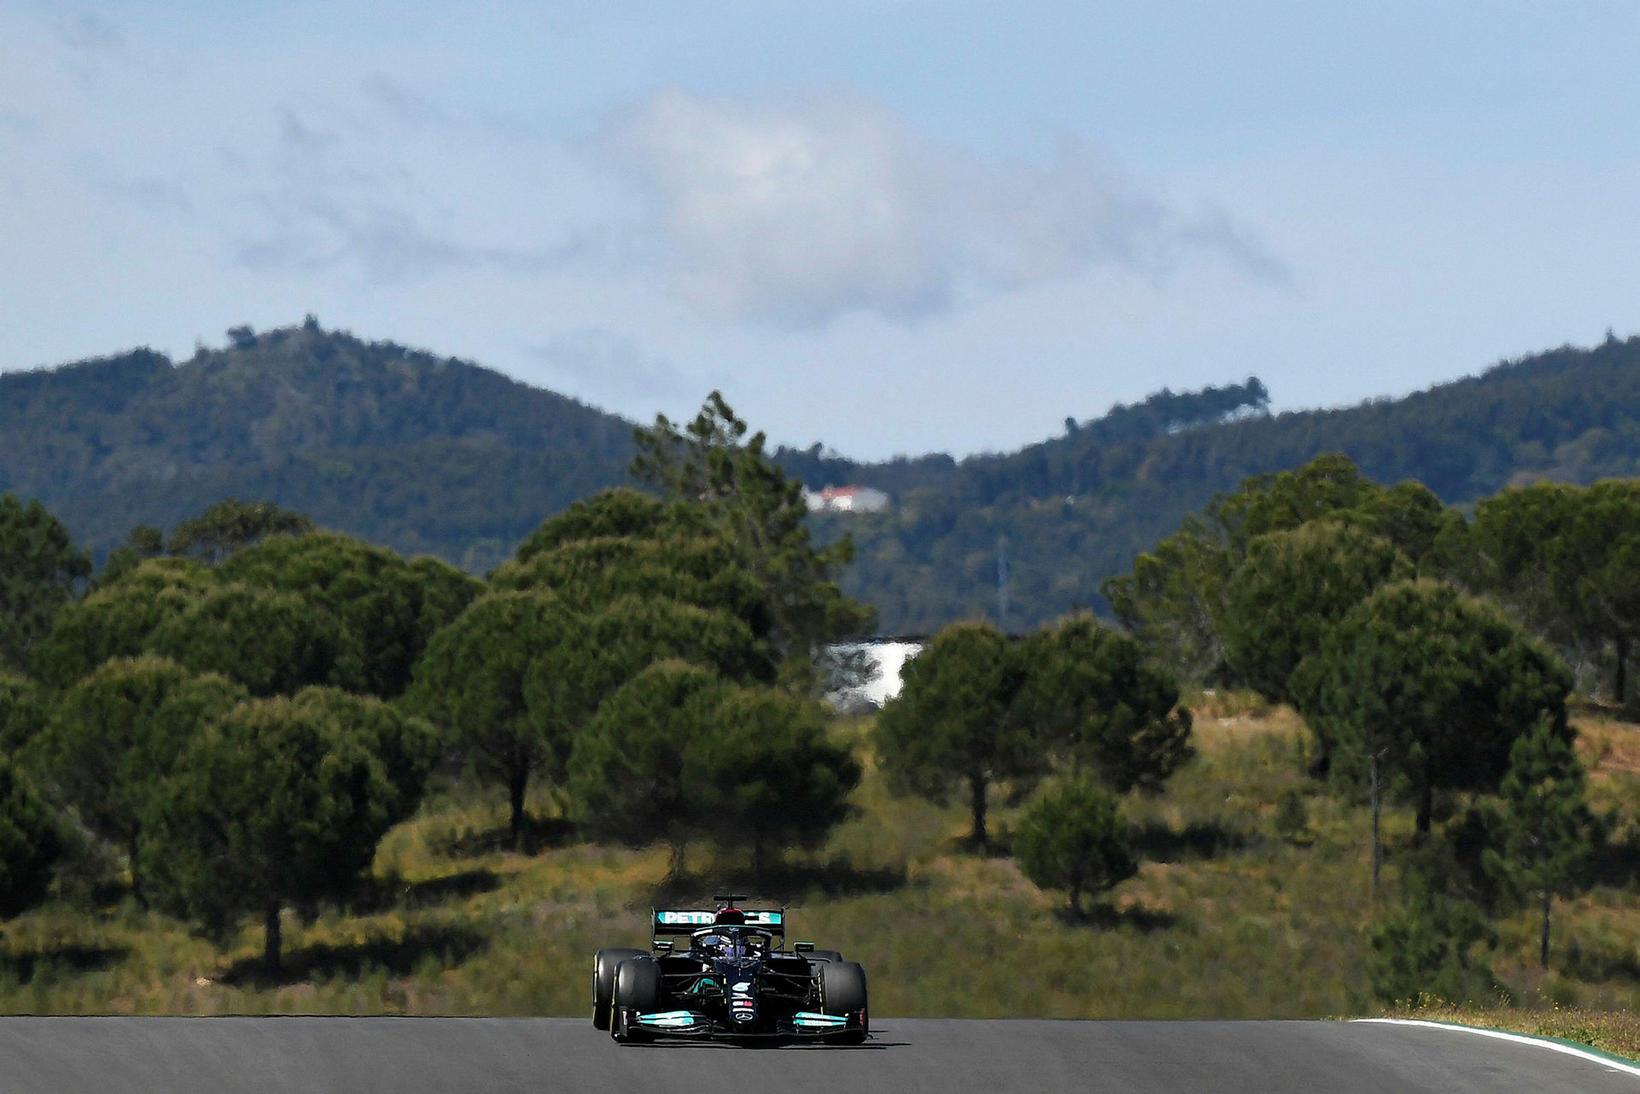 Lewis Hamilton á leið til sigurs í Portimao í Portúgal …